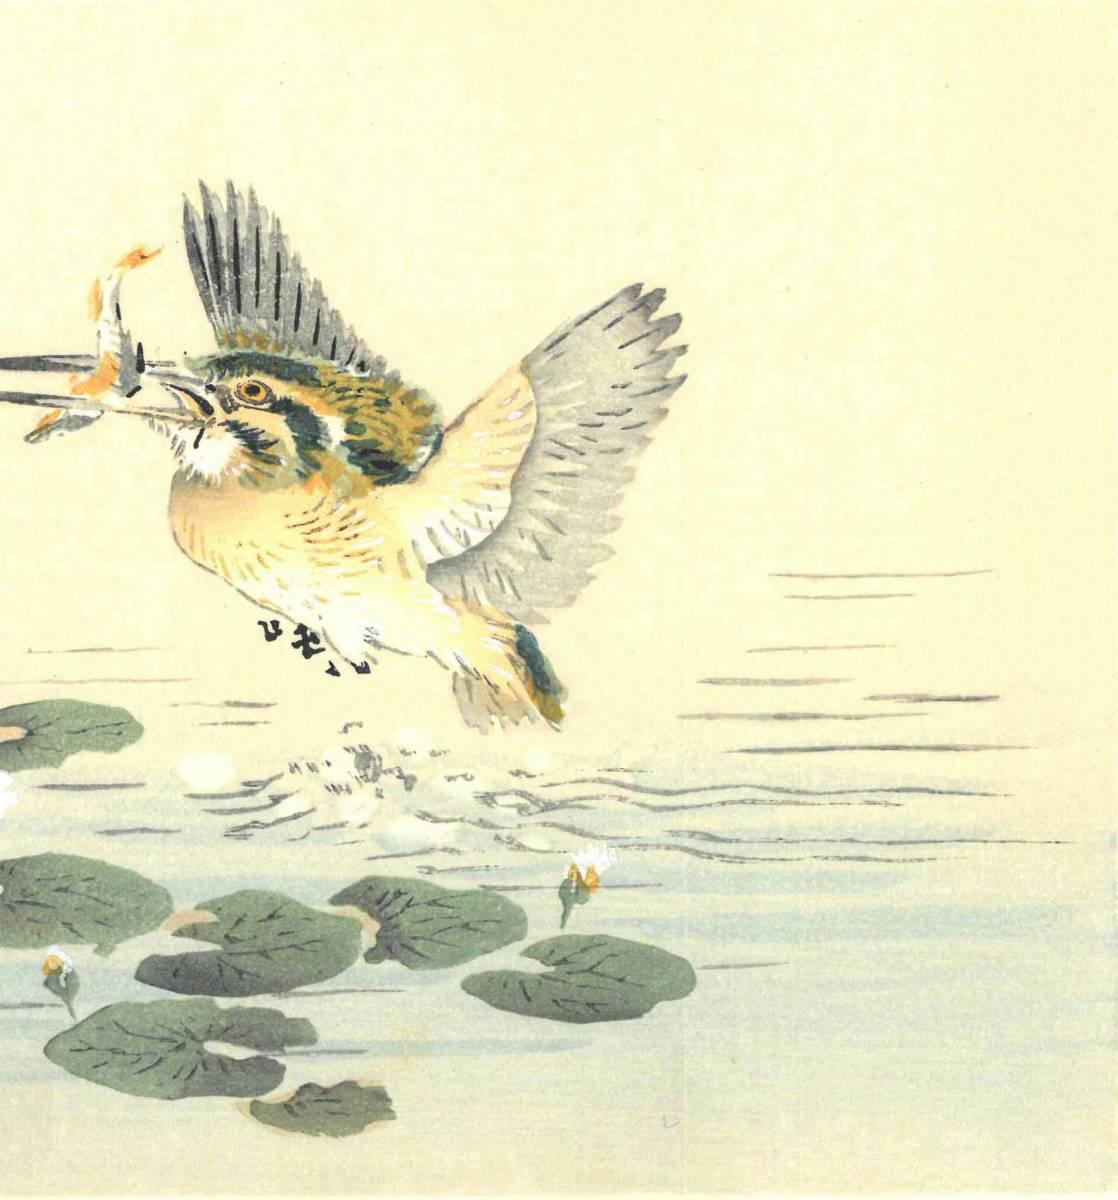 幸野楳嶺 (Kono Bairei) (1844~1895) 木版画 かわせみ 初版明治期~ 版元蔵出し作品! 京都の一流の摺師の技をご堪能下さい。_画像8